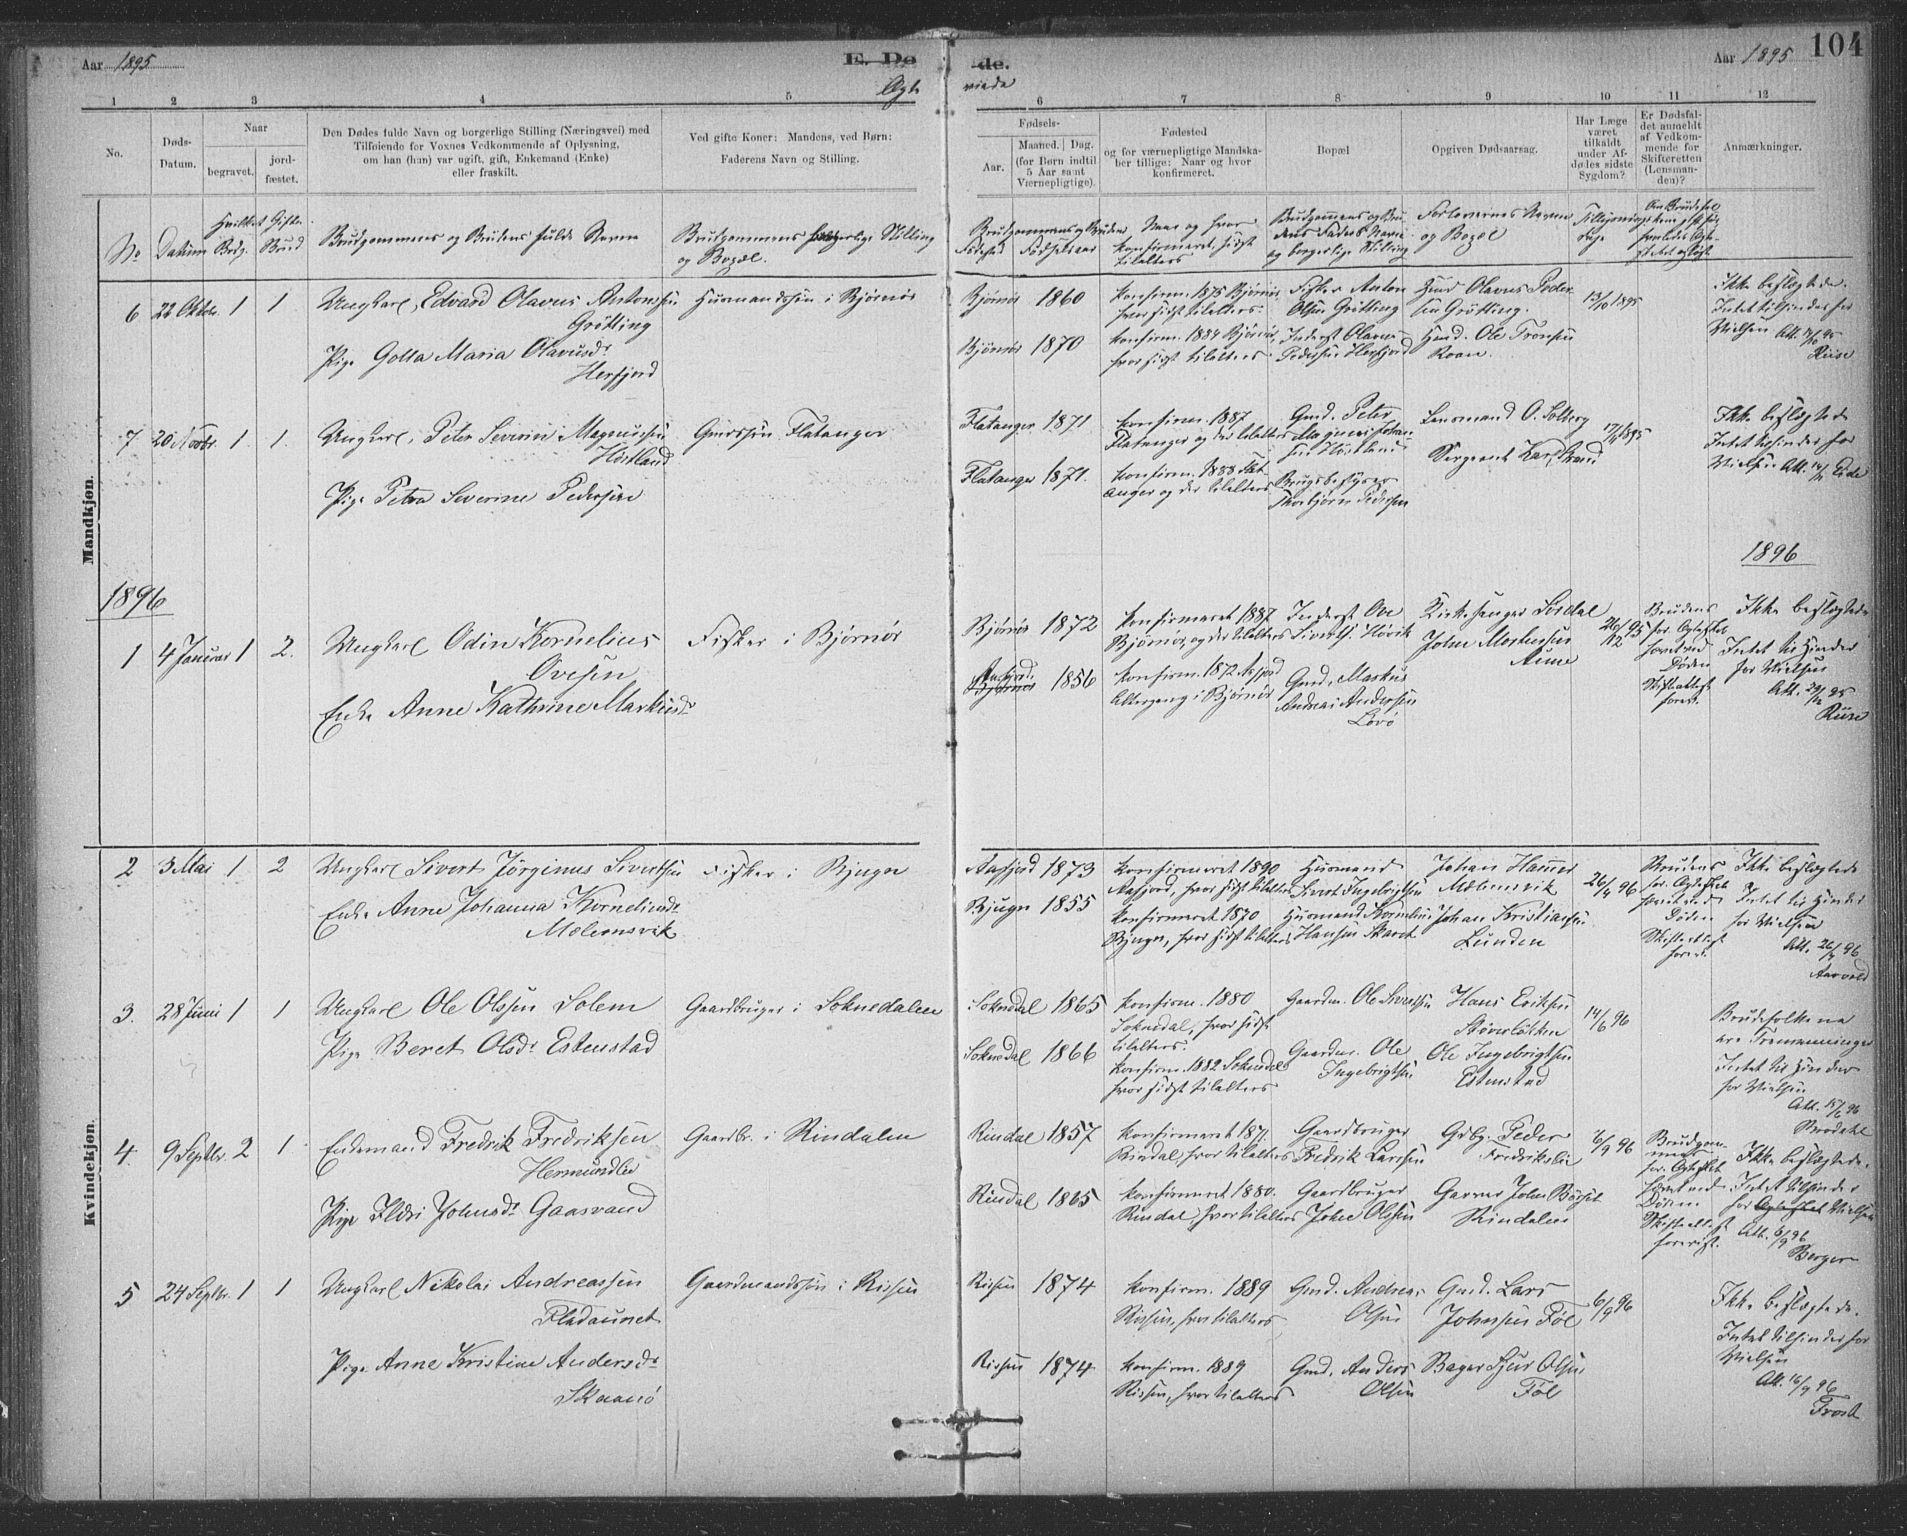 SAT, Ministerialprotokoller, klokkerbøker og fødselsregistre - Sør-Trøndelag, 623/L0470: Ministerialbok nr. 623A04, 1884-1938, s. 104